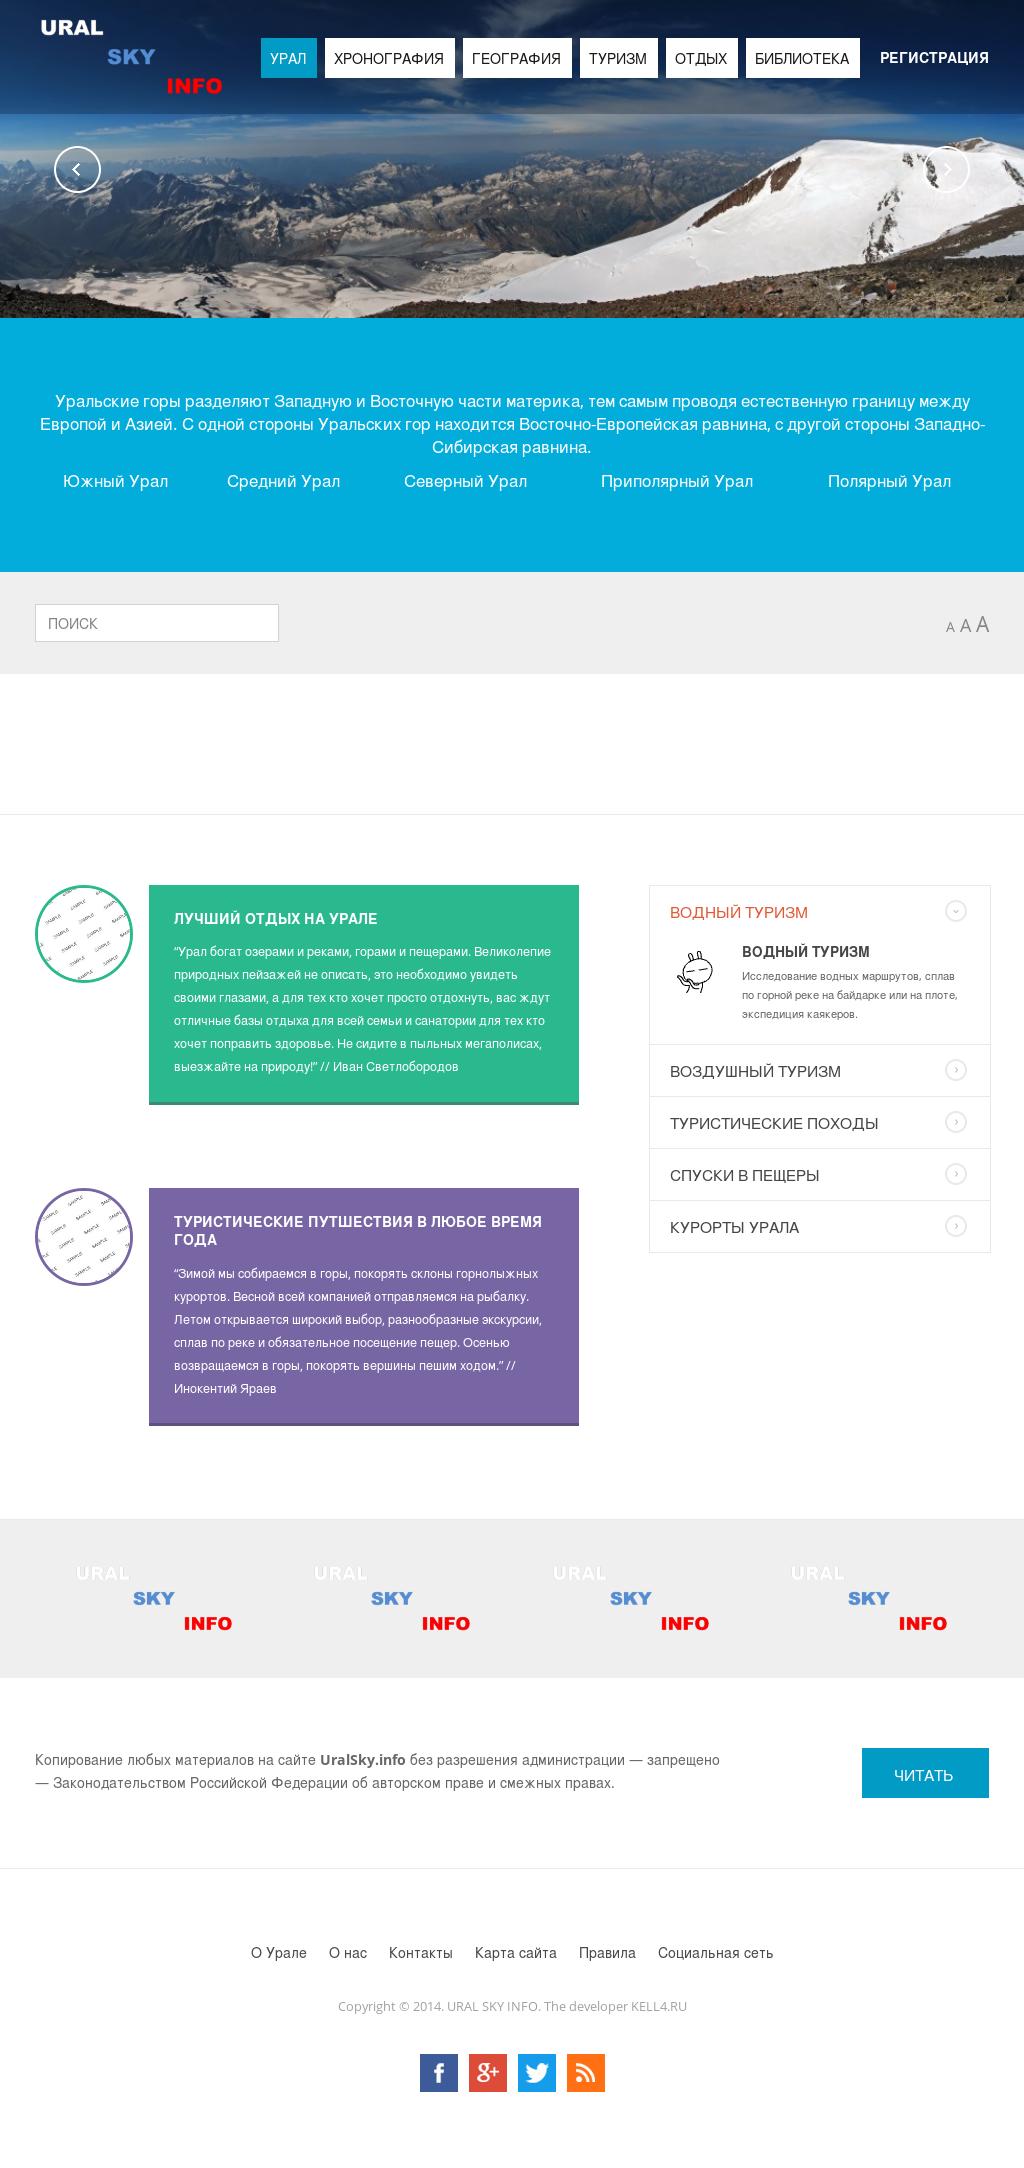 KELL4.RU создание и продвижение сайтов — веб студия КЕЛ ФО РУ